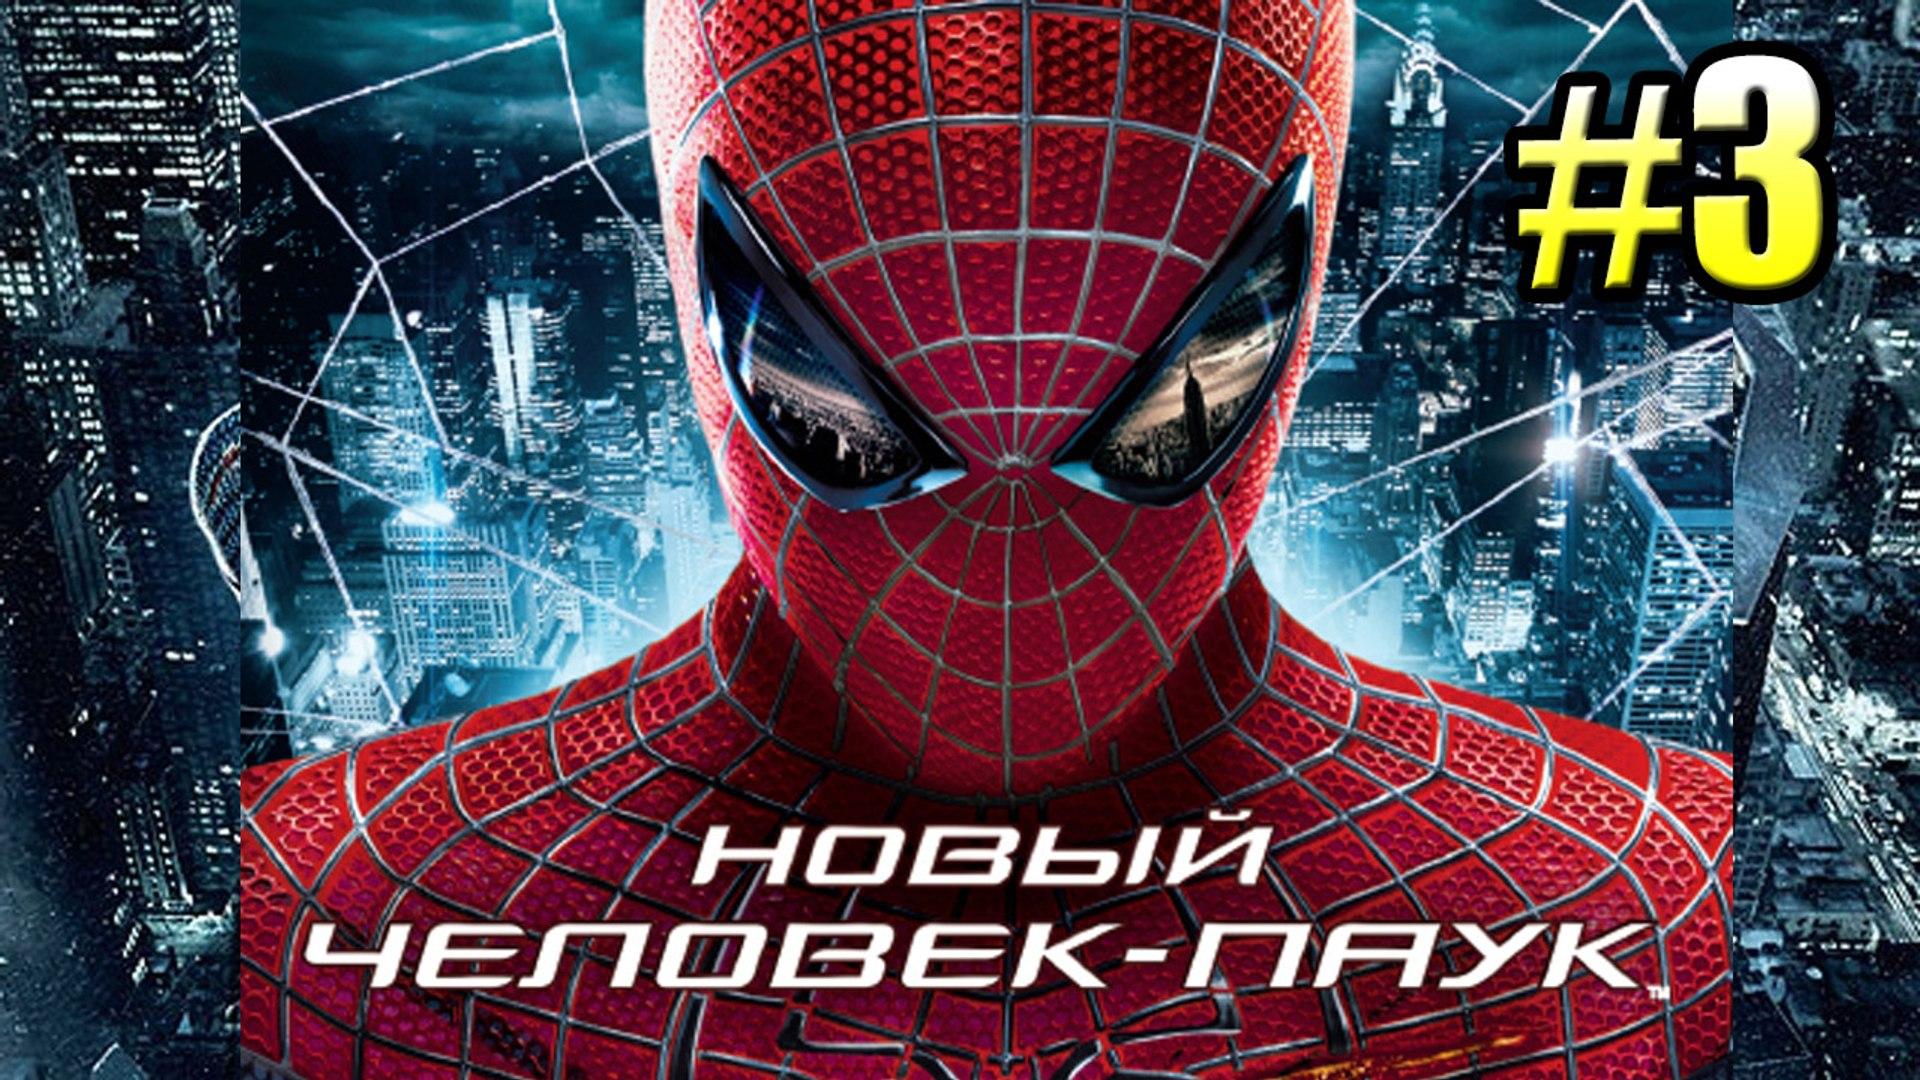 НОВЫЙ ЧЕЛОВЕК-ПАУК (The Amazing Spider-Man) прохождение #3 — ПОБЕГ ИЗ ТЮРЯГИ